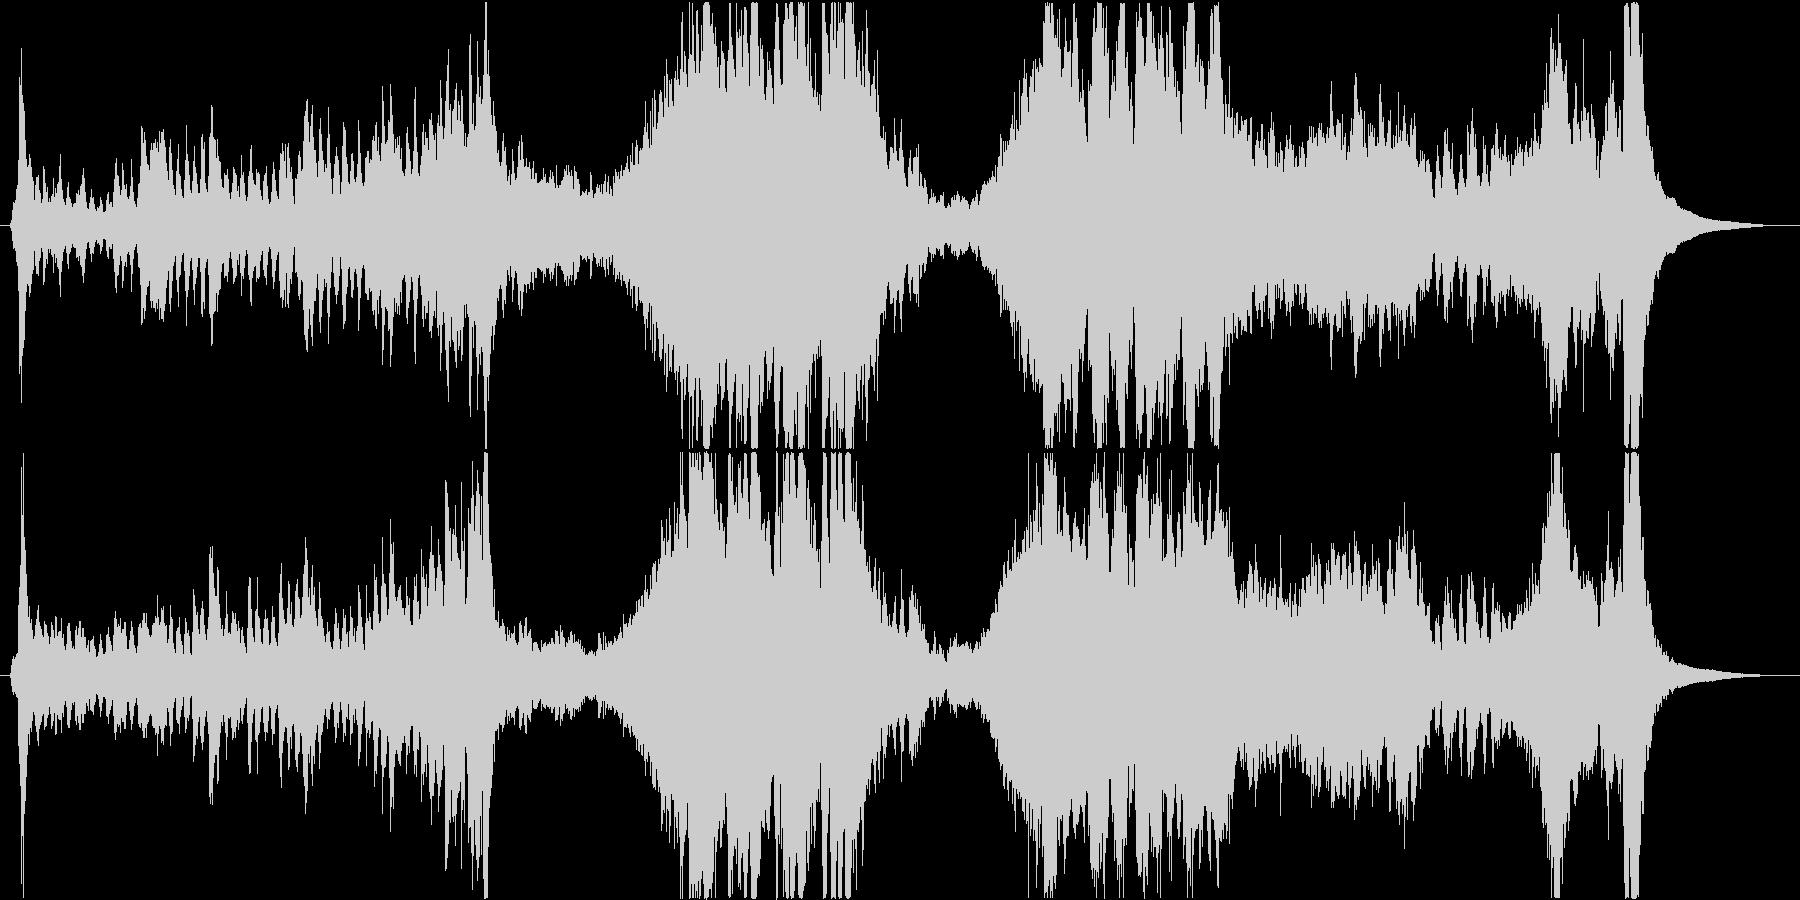 邪鬼から逃げ惑うオーケストラ曲の未再生の波形